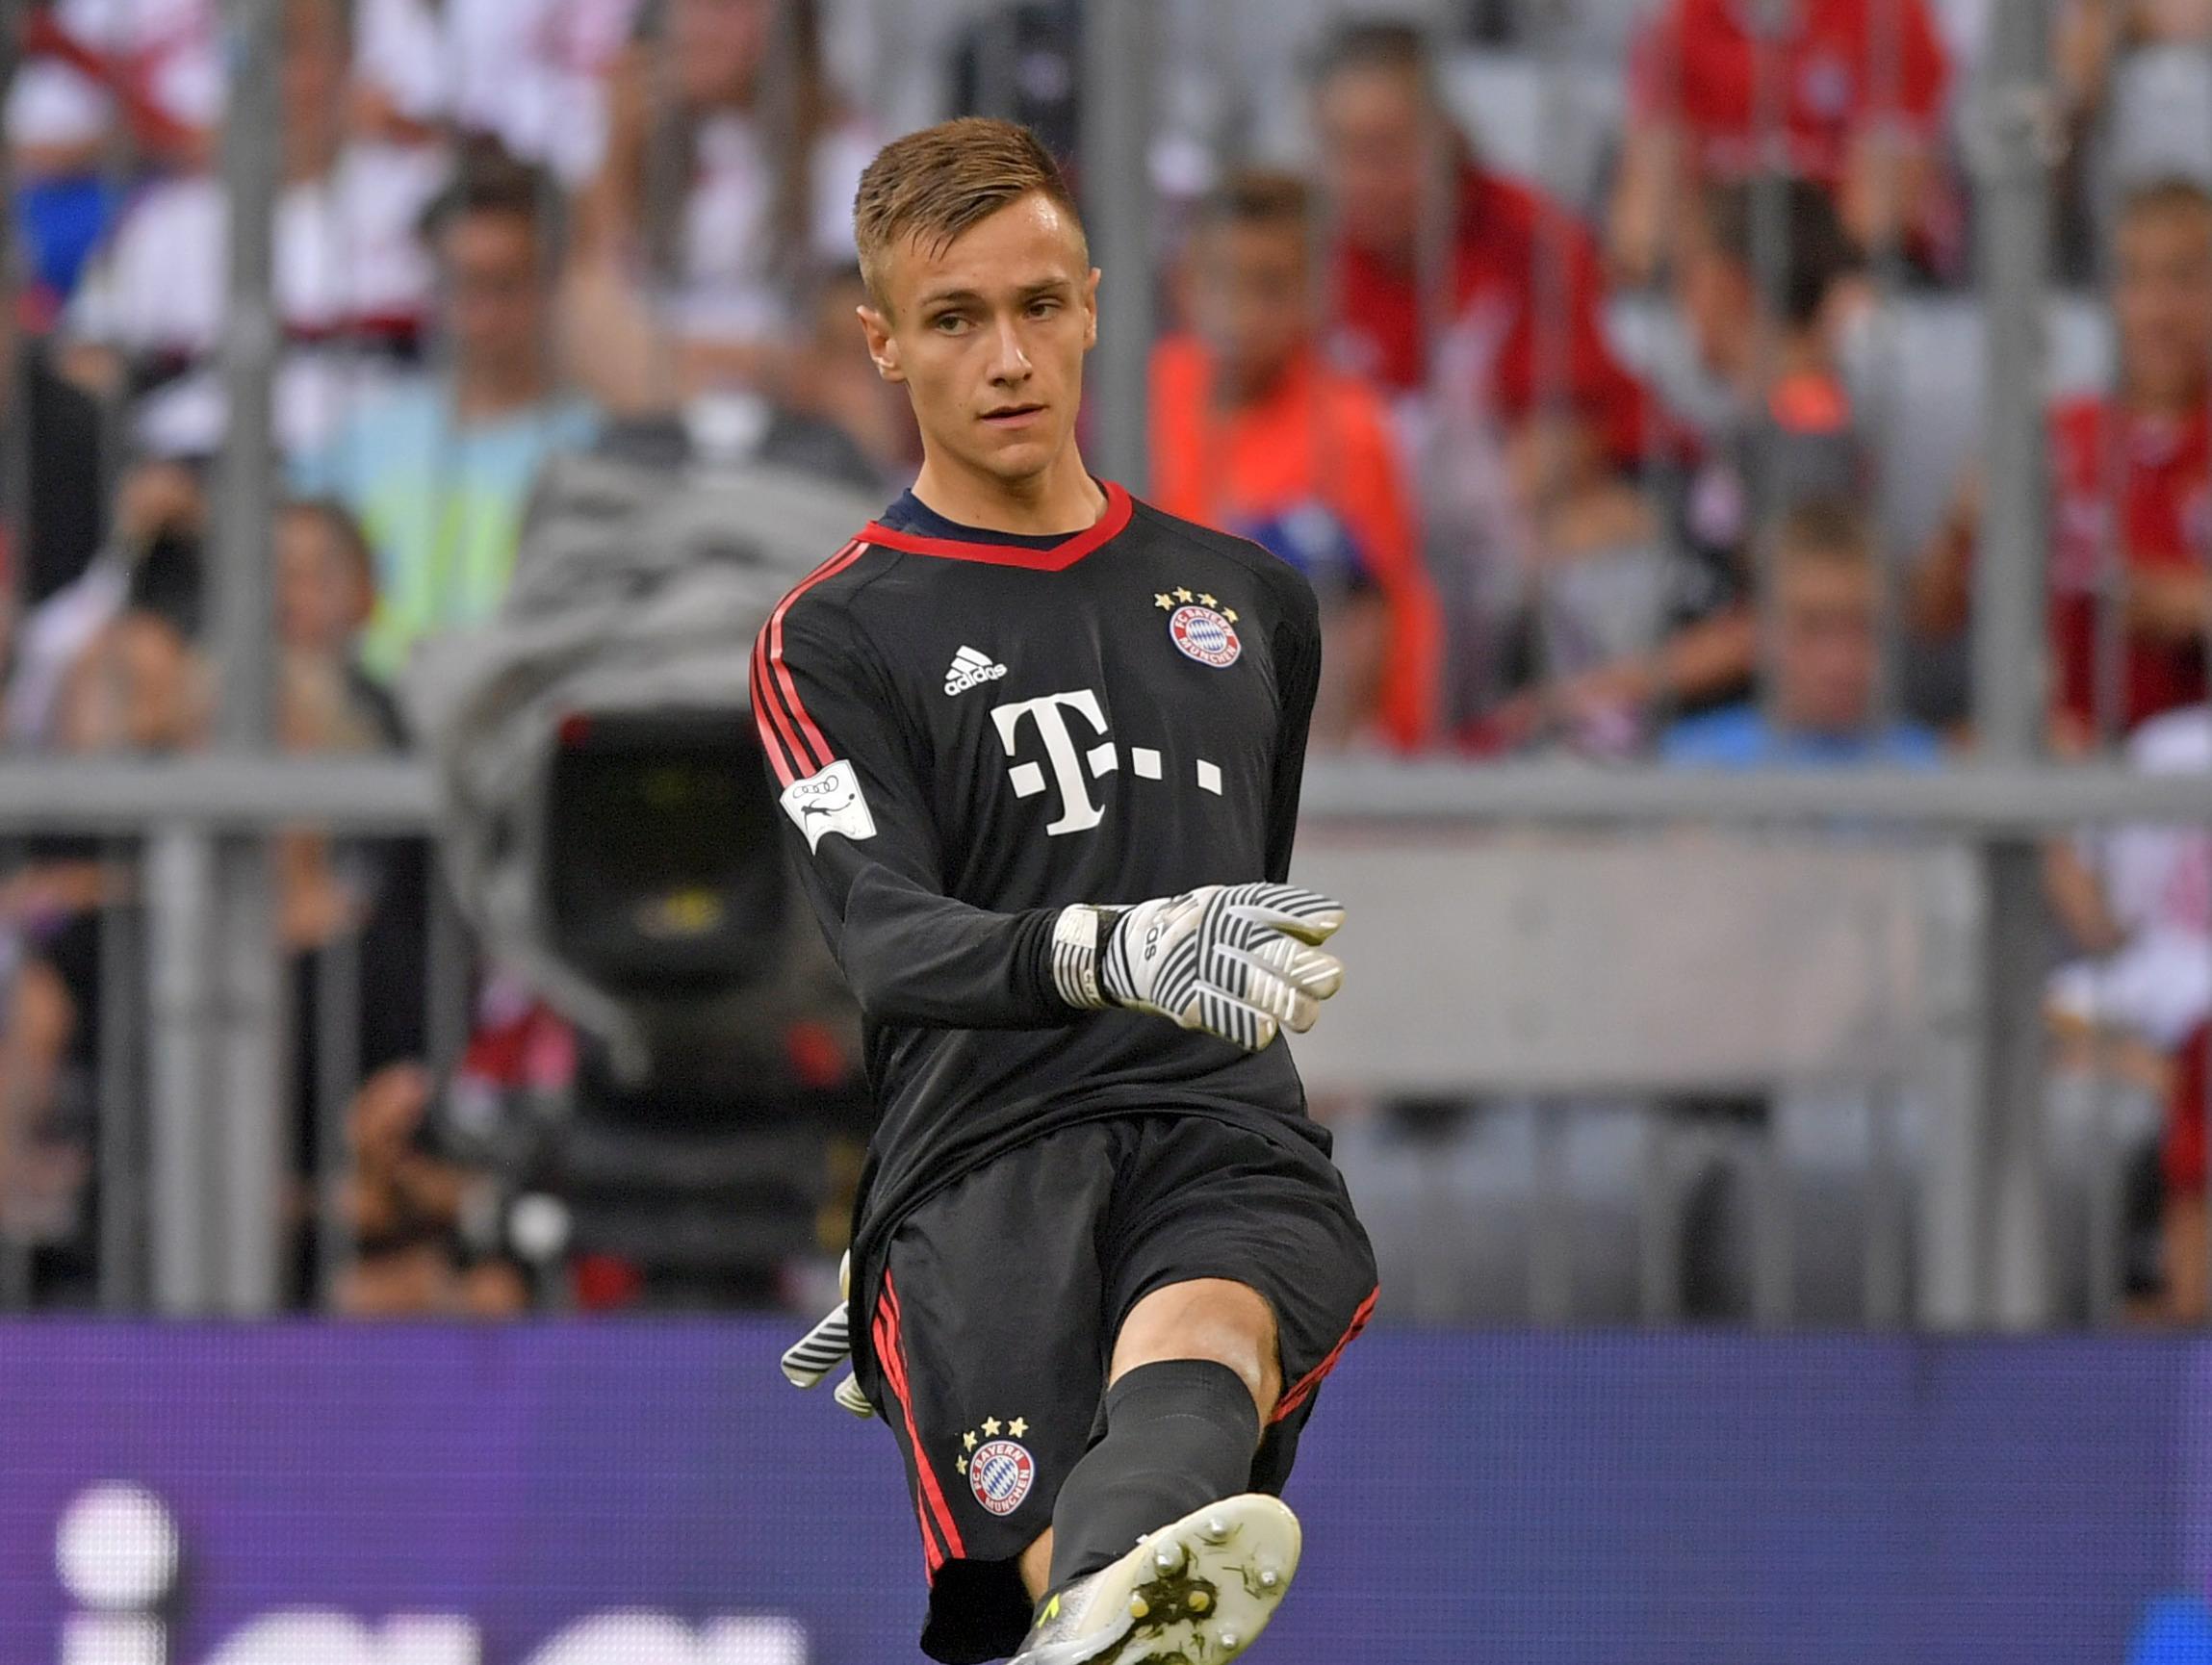 Christian Früchtl Fc Bayern